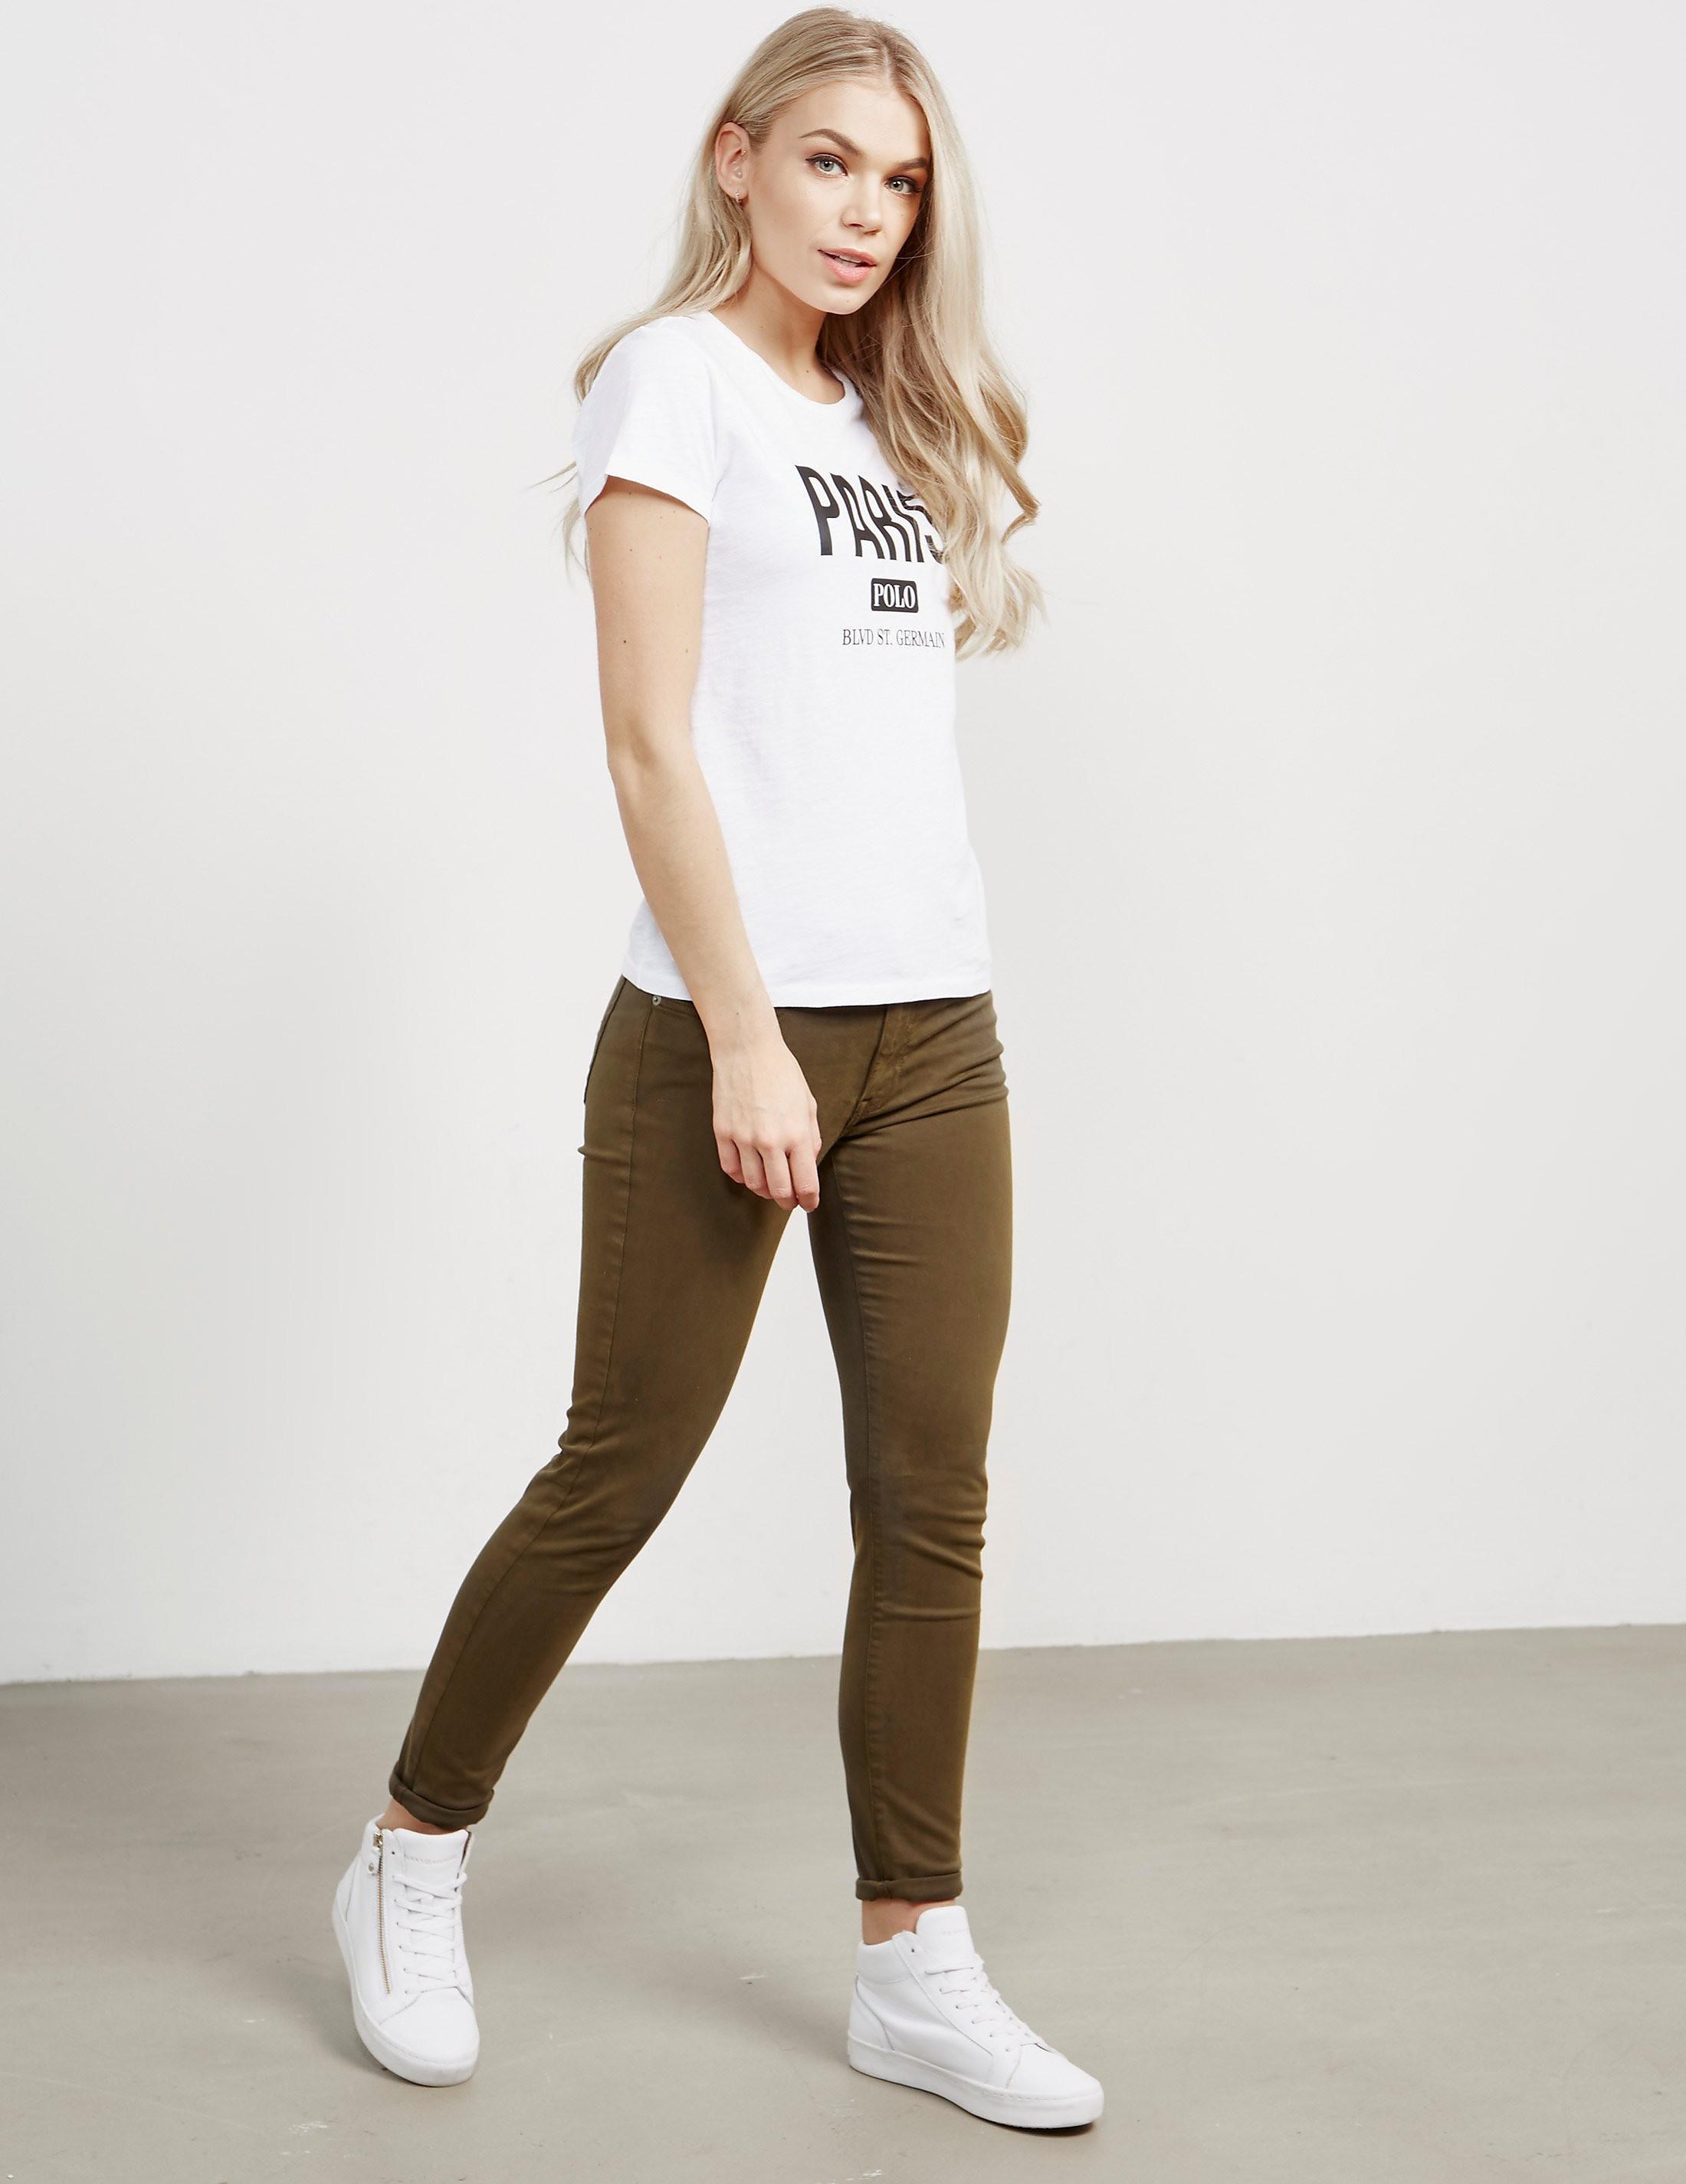 Polo Ralph Lauren Paris Short Sleeve T-Shirt